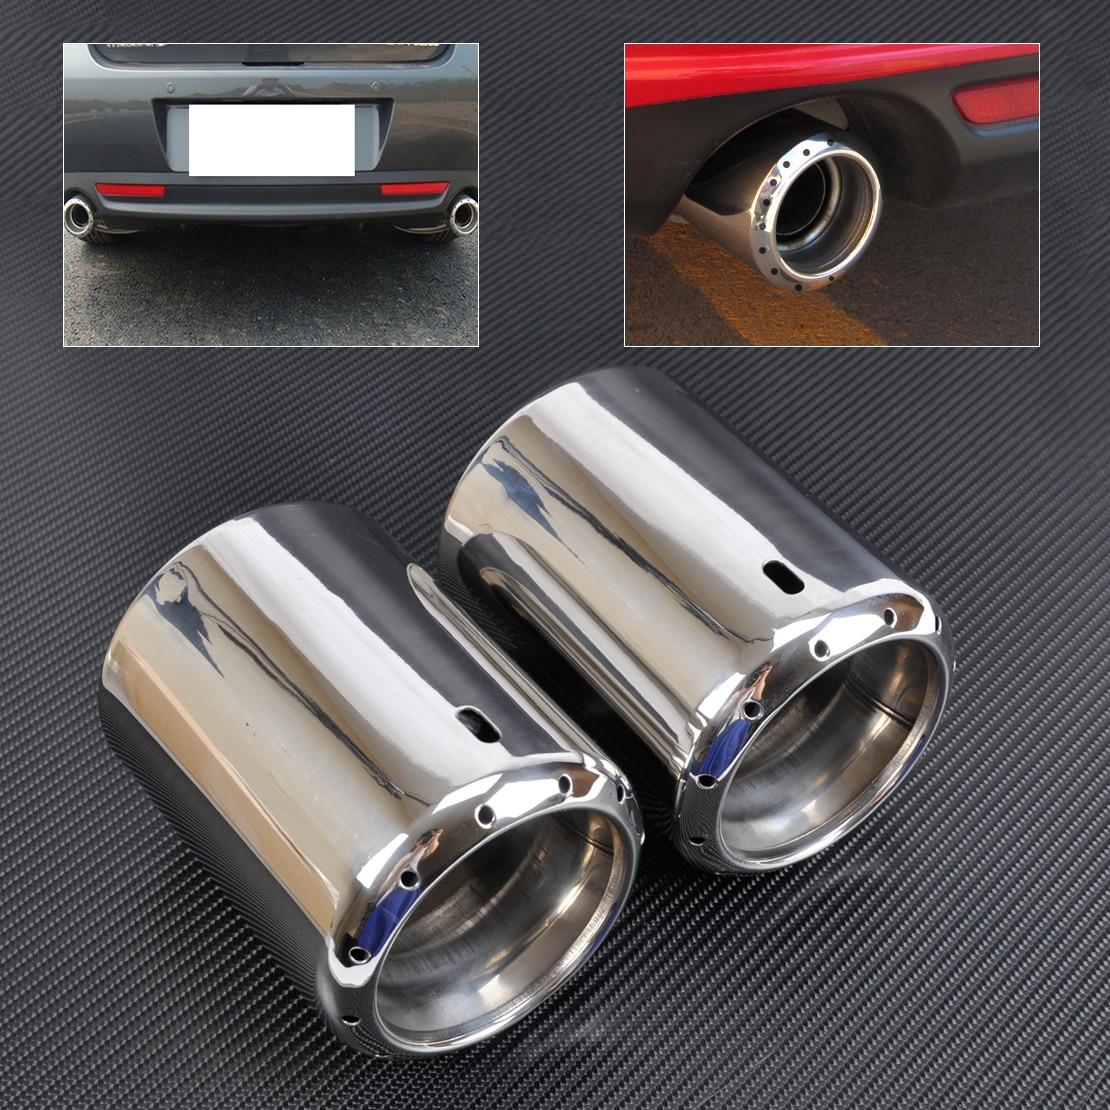 DWCX 2x nouveau tuyau de pointe de silencieux arrière en acier inoxydable pour 2009-2012 2013 2014 Mazda 6 ATENZA 2013 2014 Mazda CX-5